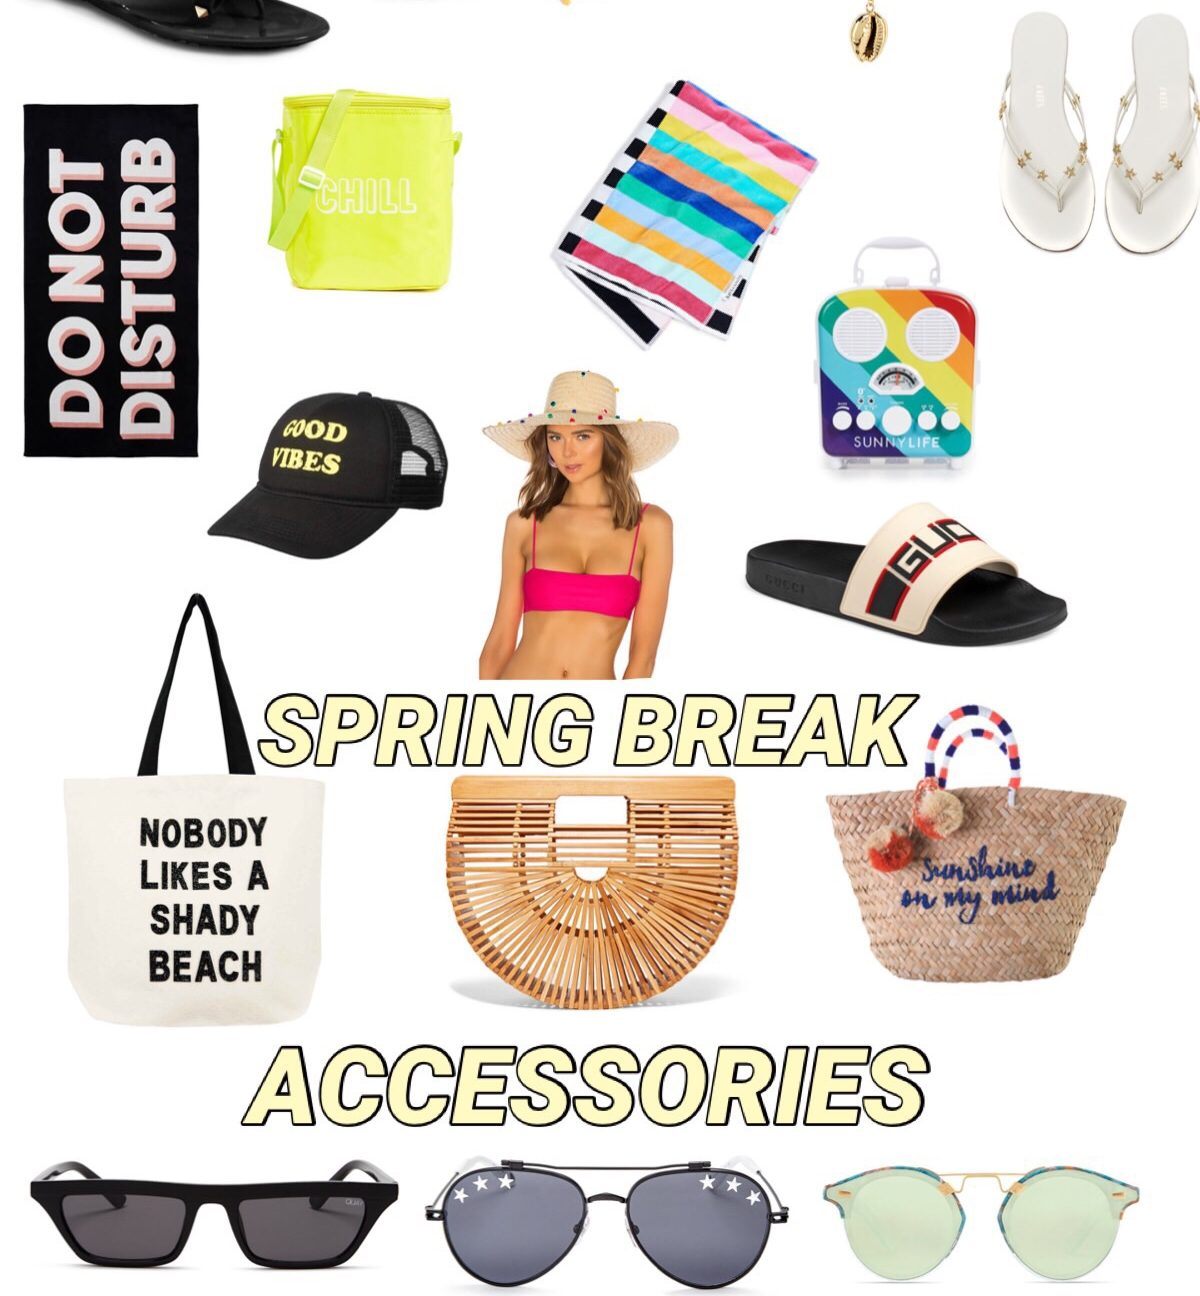 b6677fd6dee6 Spring Break Series  Accessories - Ask Ash